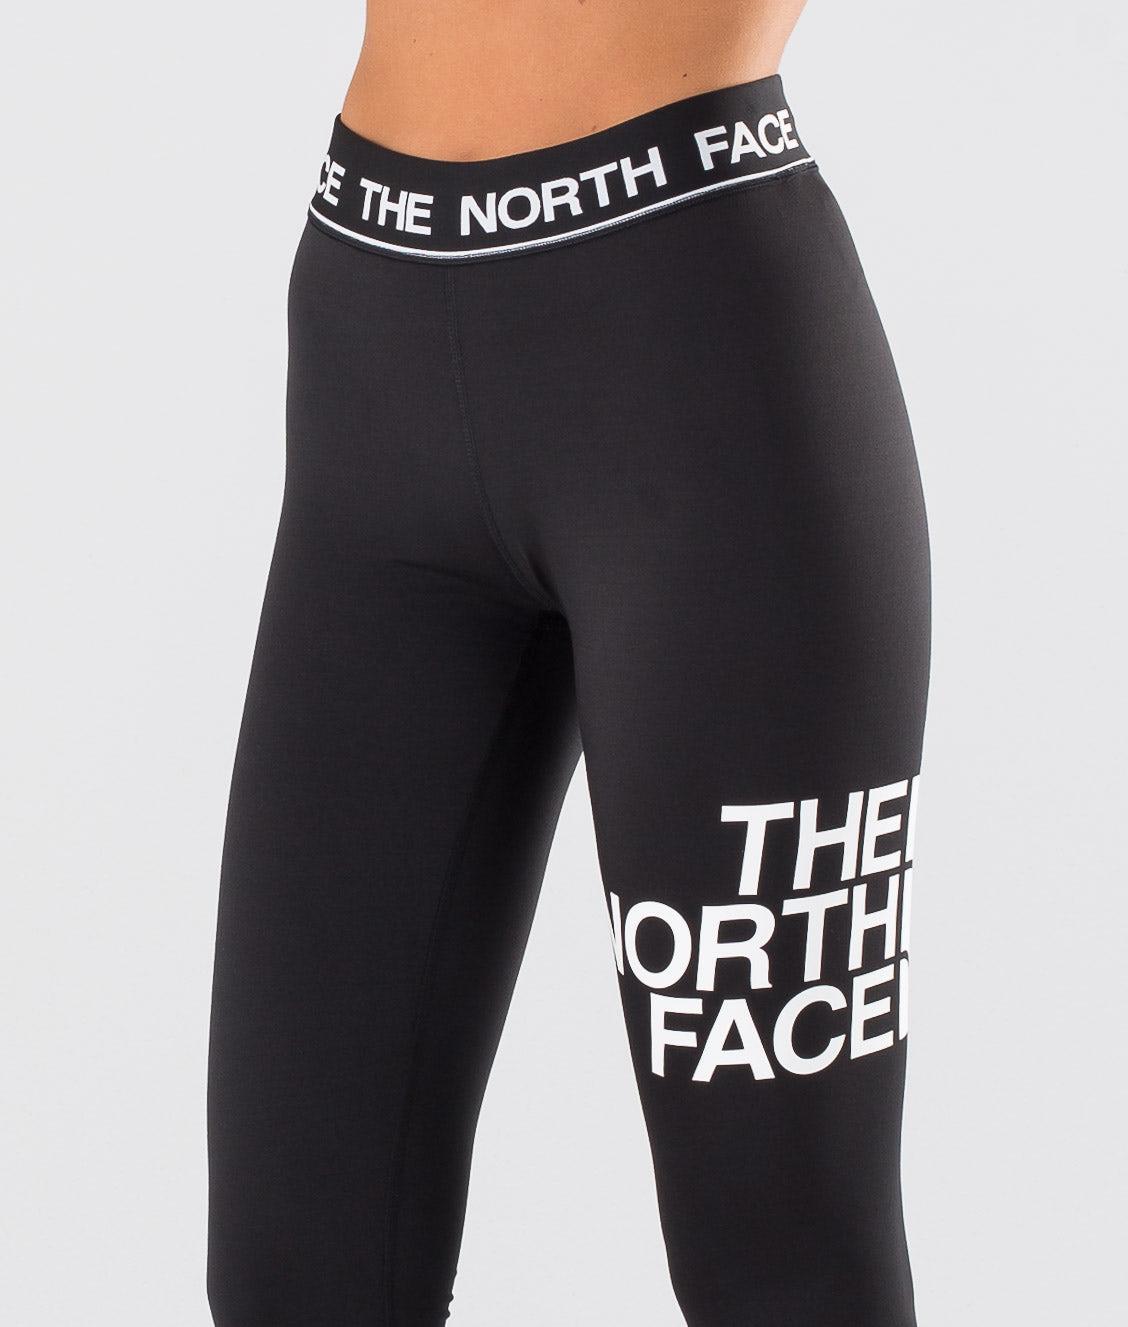 The North Face Flex Tights Leggings Tnf Black/Tnf White